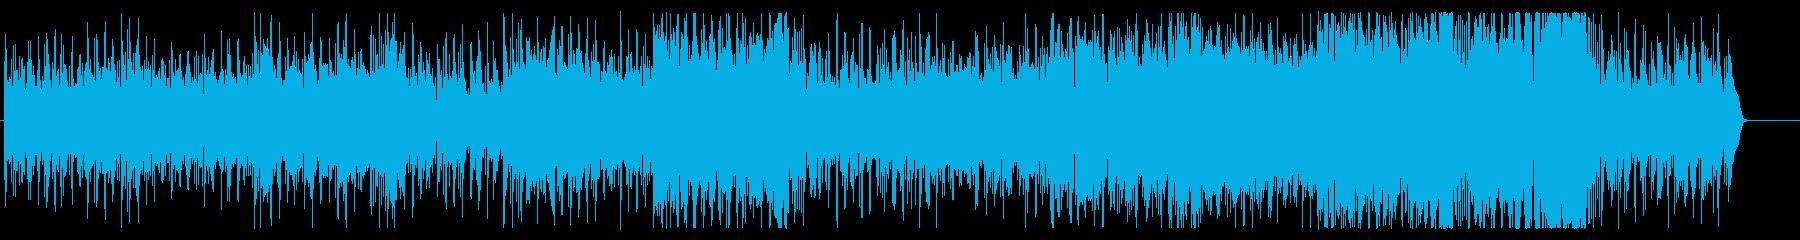 緑が燃える季節のボサノバの再生済みの波形